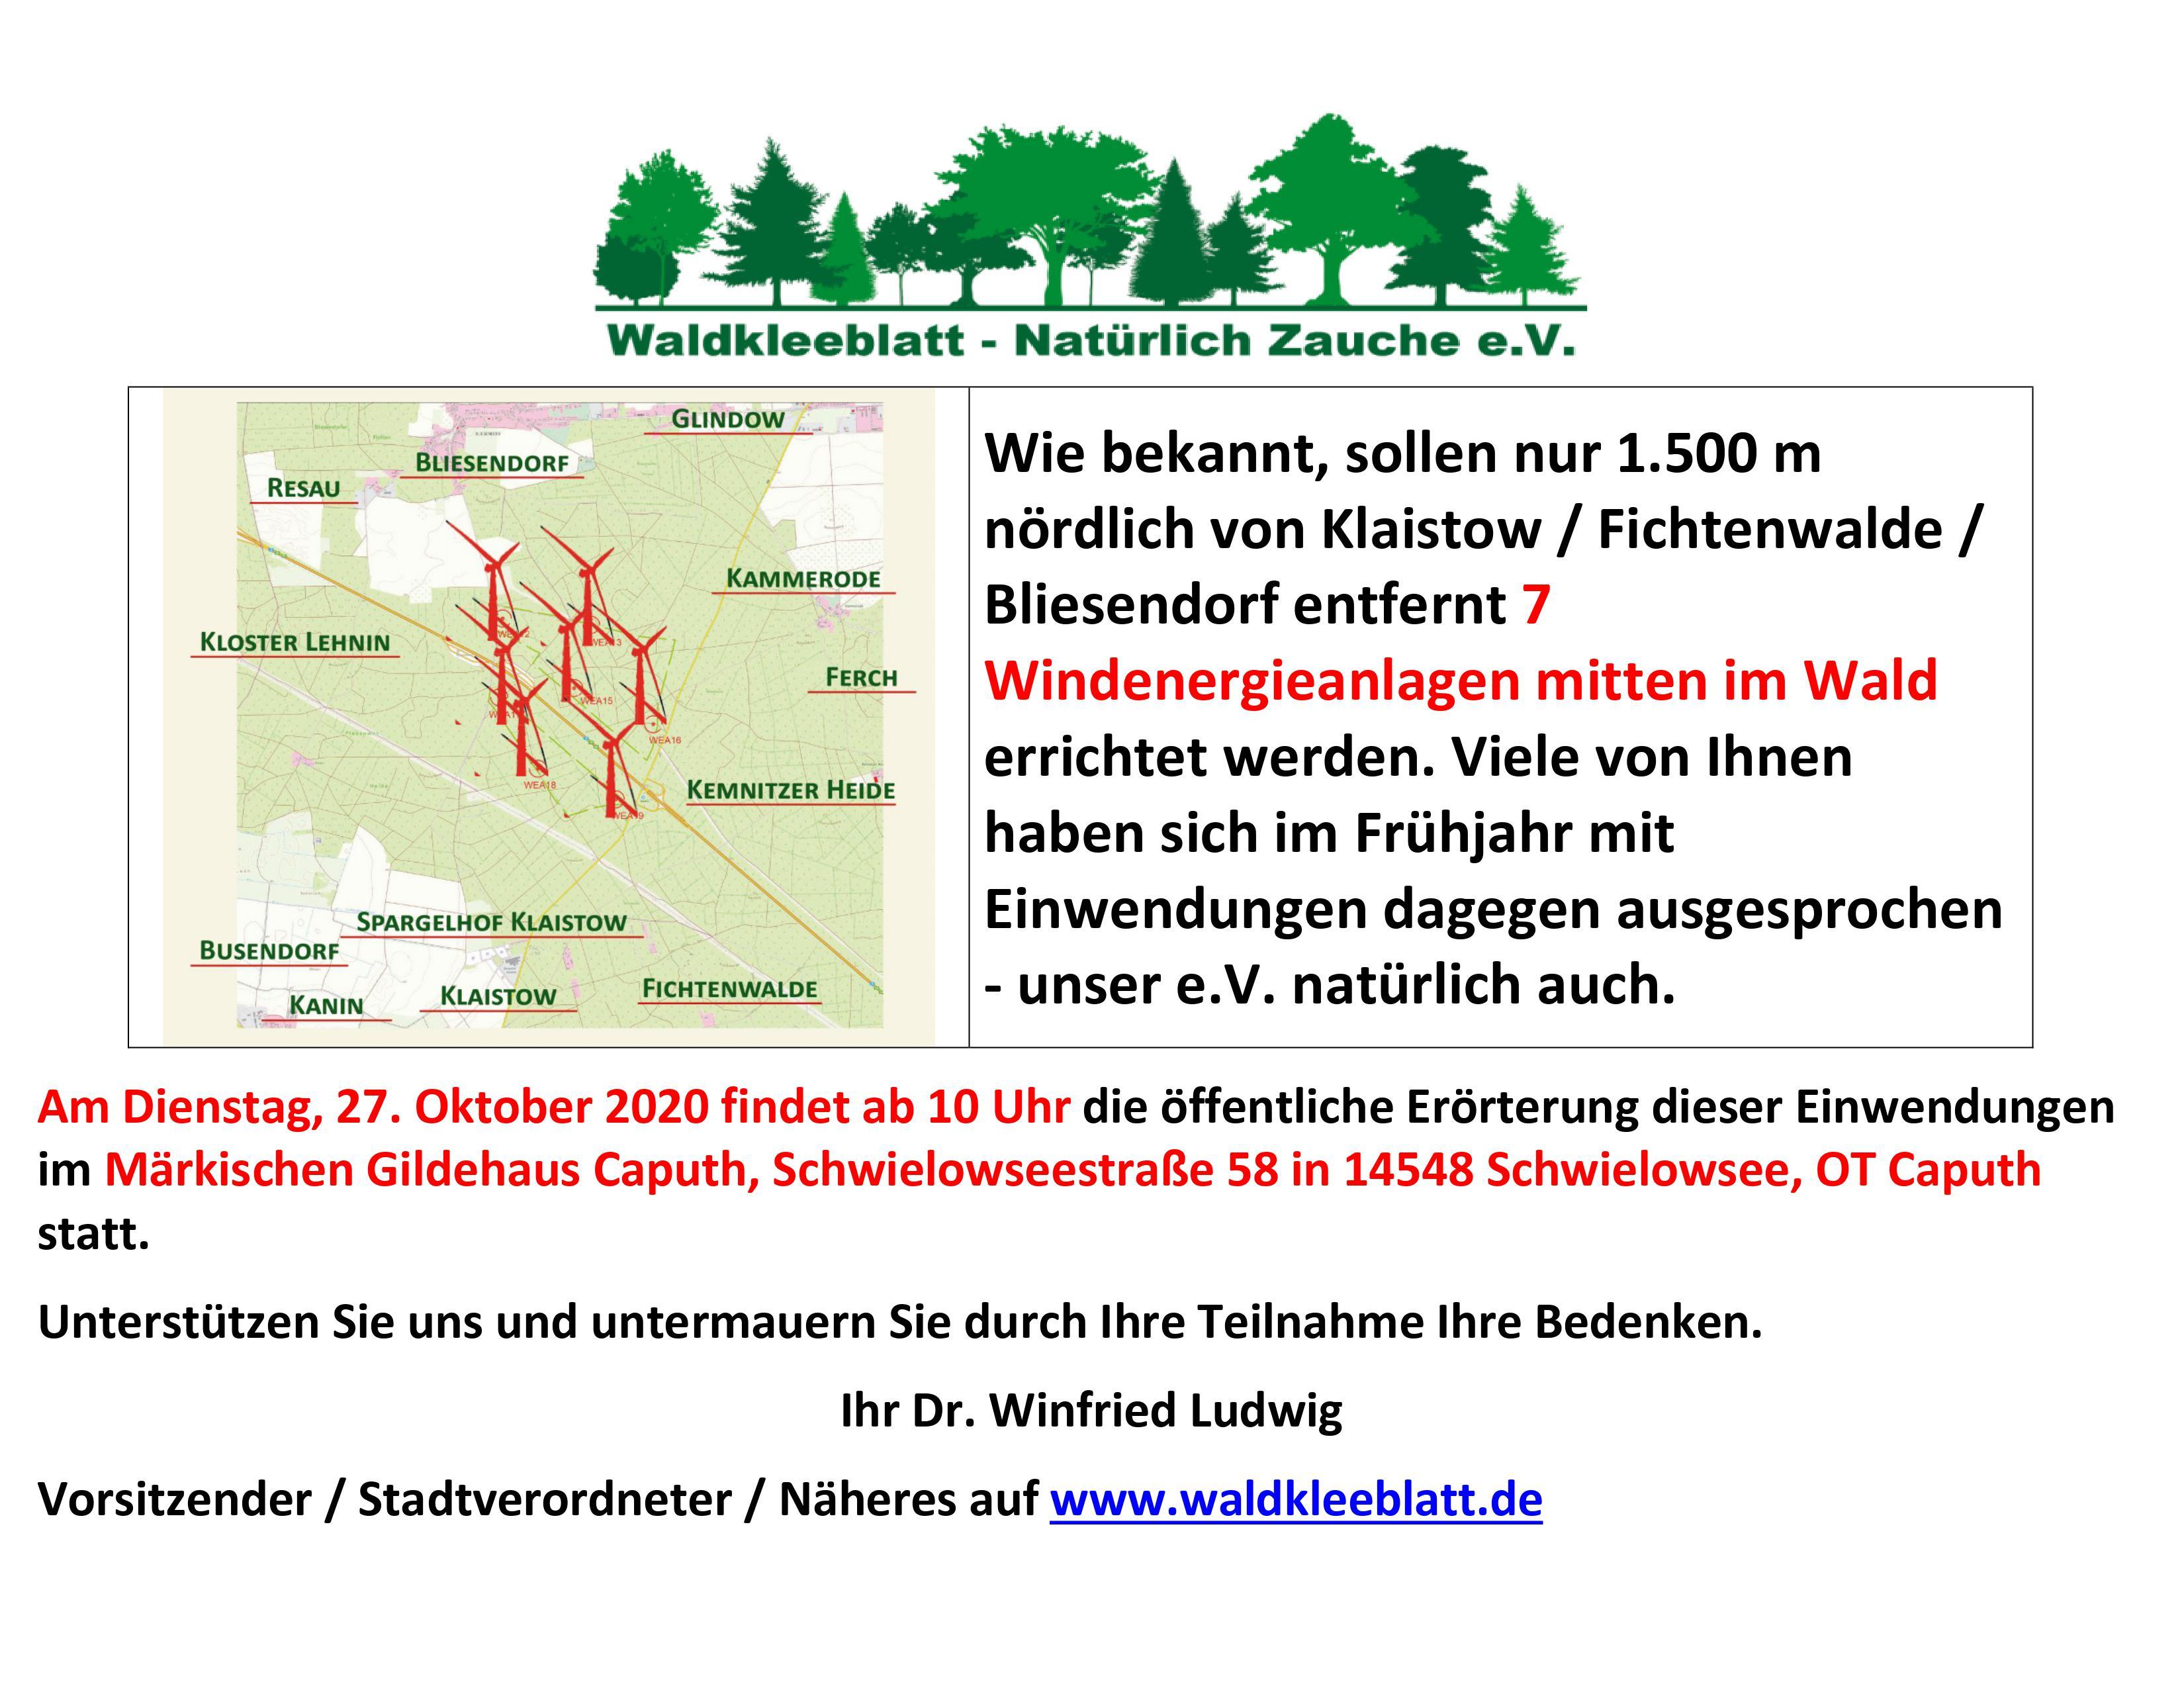 ACHTUNG TERMIN WURDE VOM LfU ABGESAGT … S. AKTUELLE INFOS AUF DER HOMEPAGE / Erörterungstermin der Einwendungen zu WEG Ferch / Dienstag, 27. Oktober 2020 / 10 Uhr / Märkisches Gildehaus Caputh, Schwielowseestraße 58 in 14548 Schwielowsee, OT Caputh